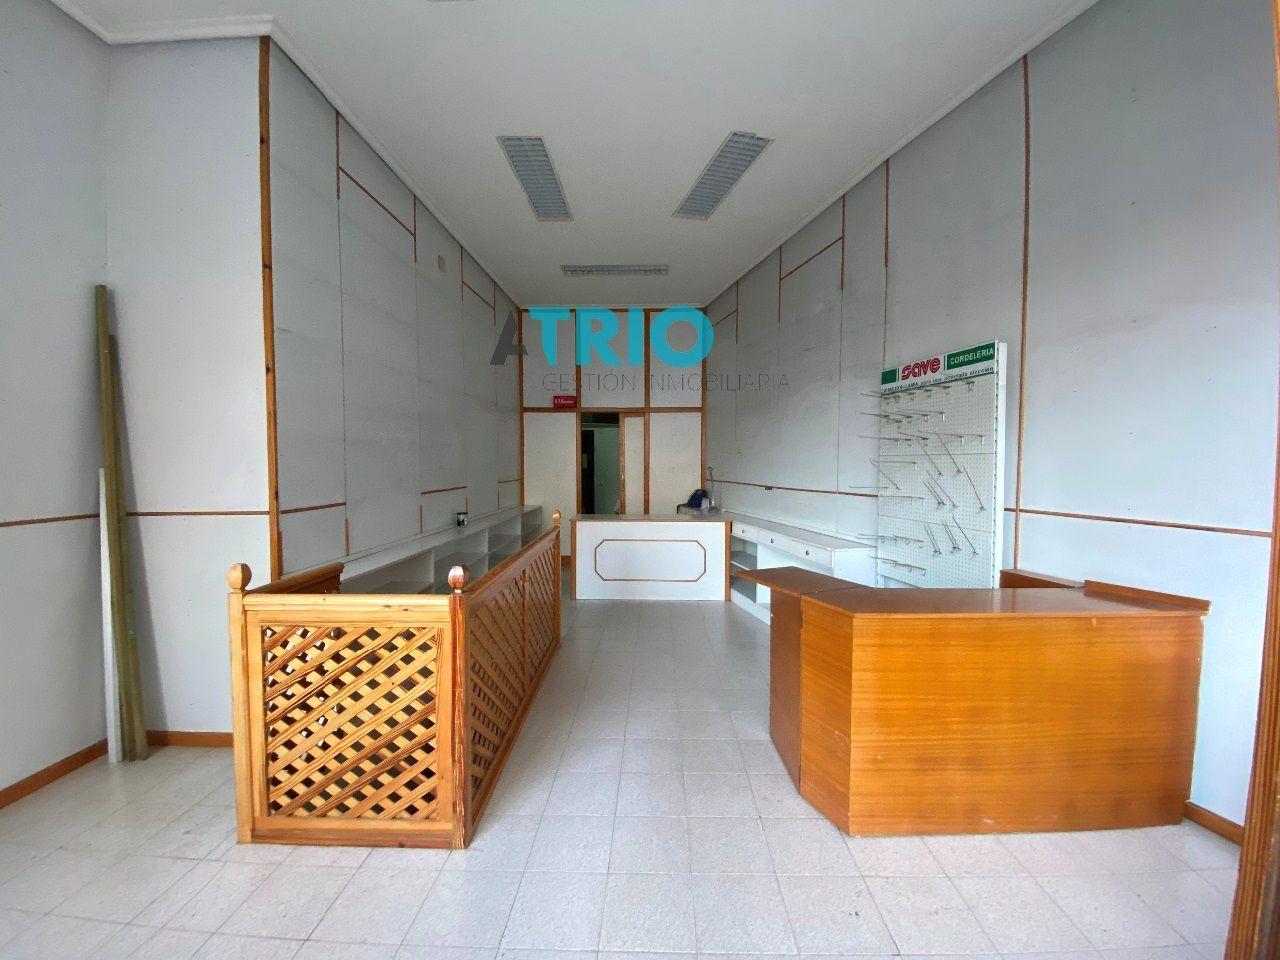 dia.mobiliagestion.es/Portals/inmoatrio/Images/6481/4231640